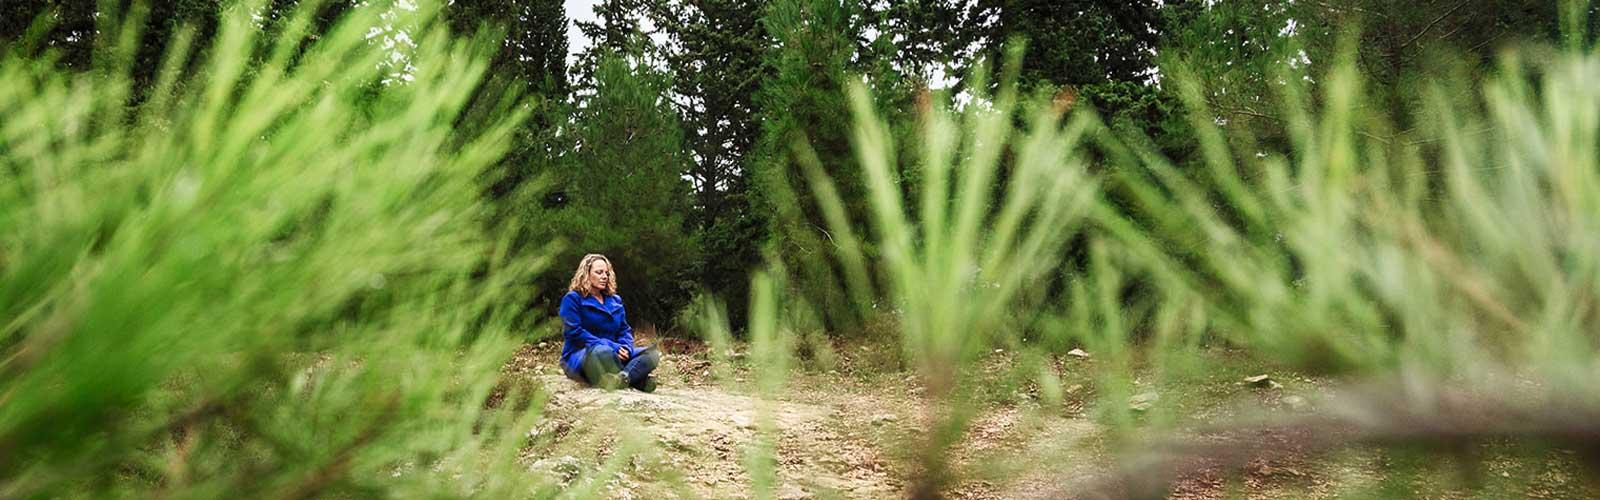 הודעות - עמית עמר יושבת ביער